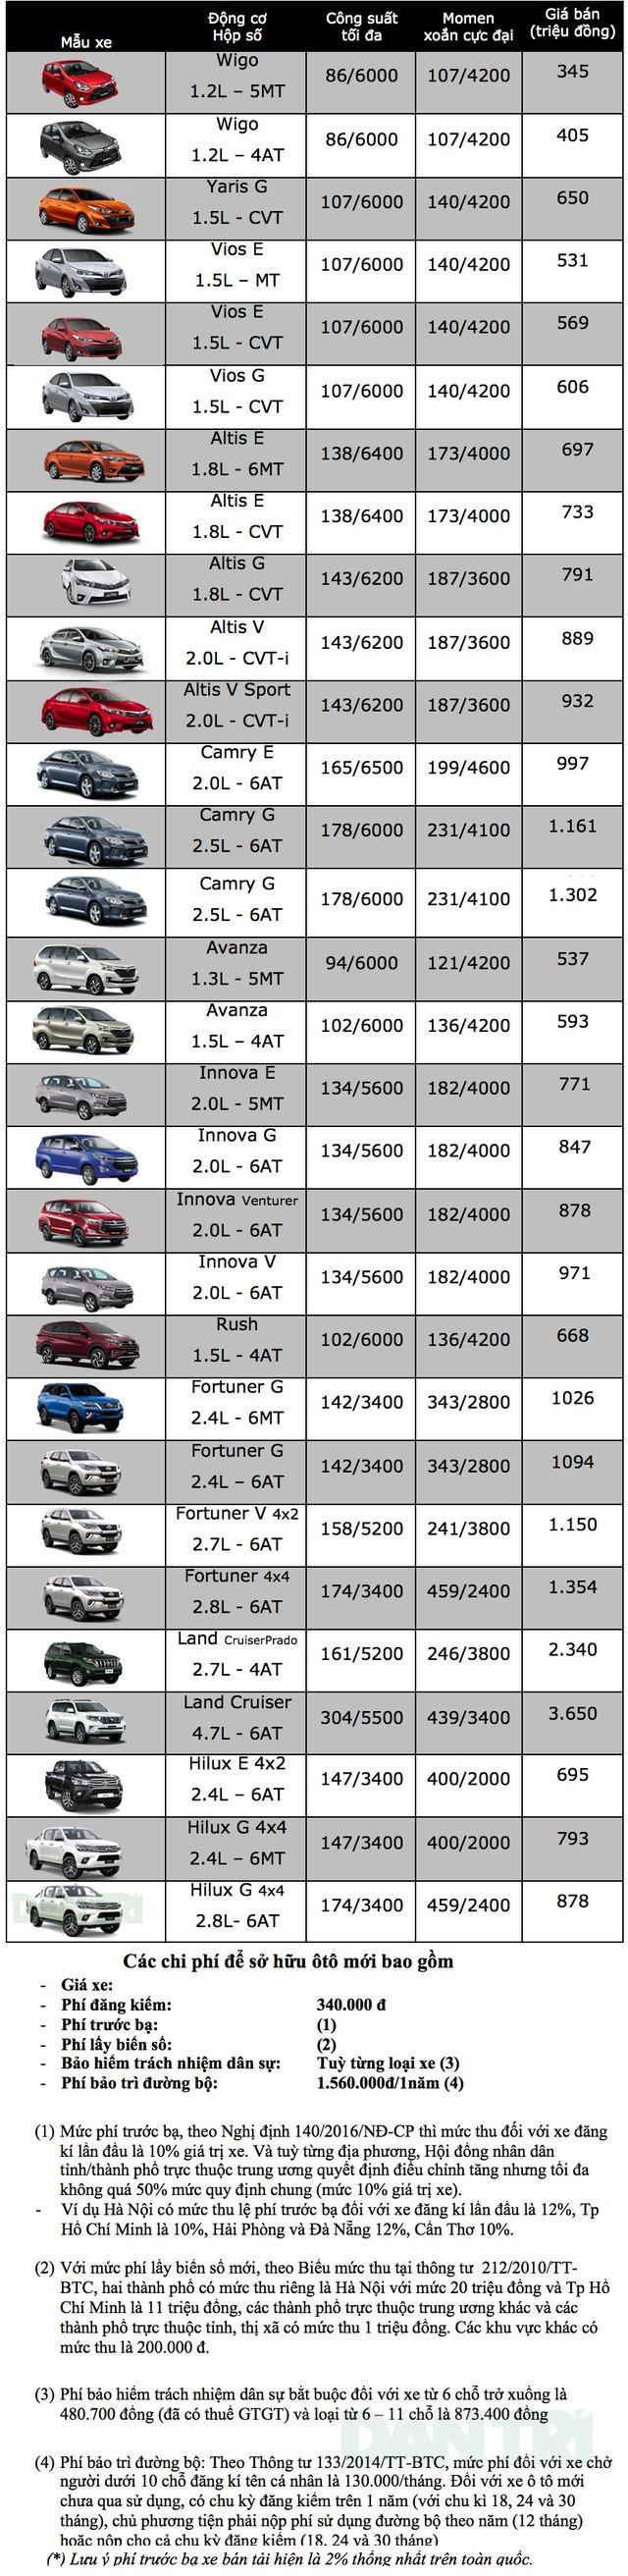 Bảng giá Toyota tại Việt Nam cập nhật tháng 3/2019 - 1